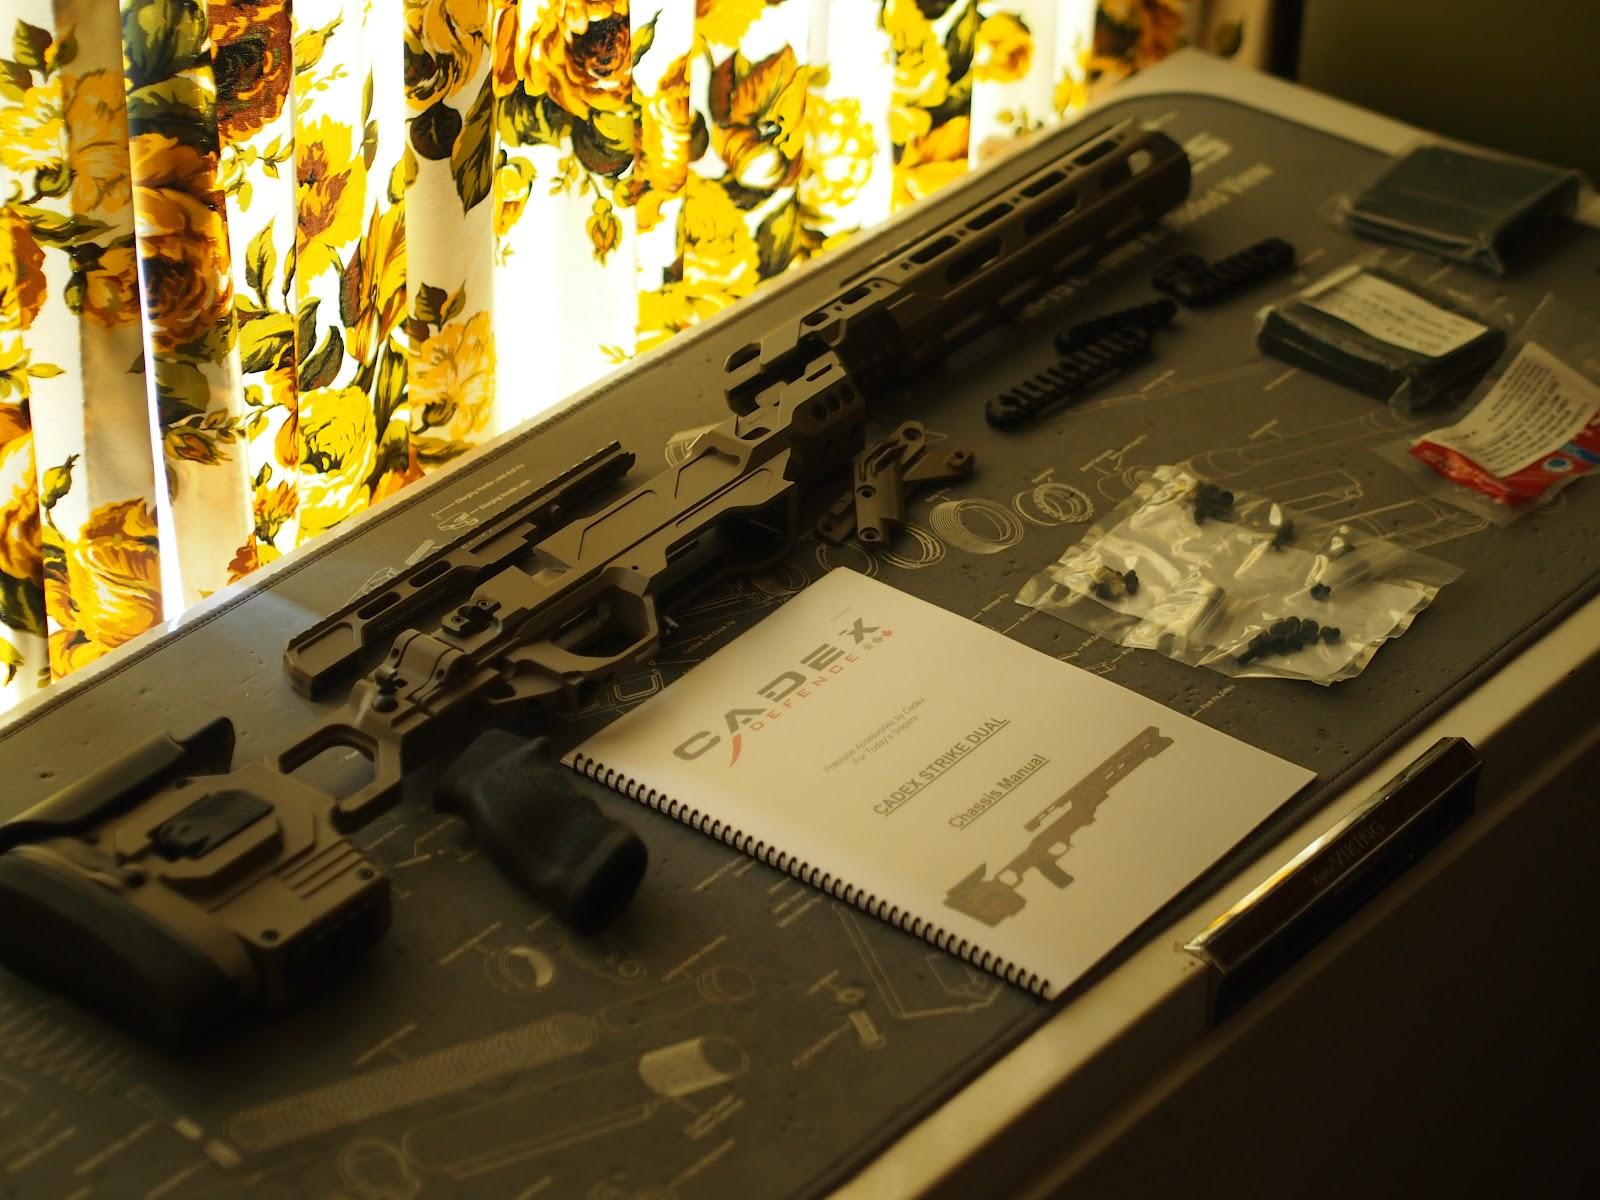 Mister Donut's Firearms Blog: Vincent's Remington 700 build